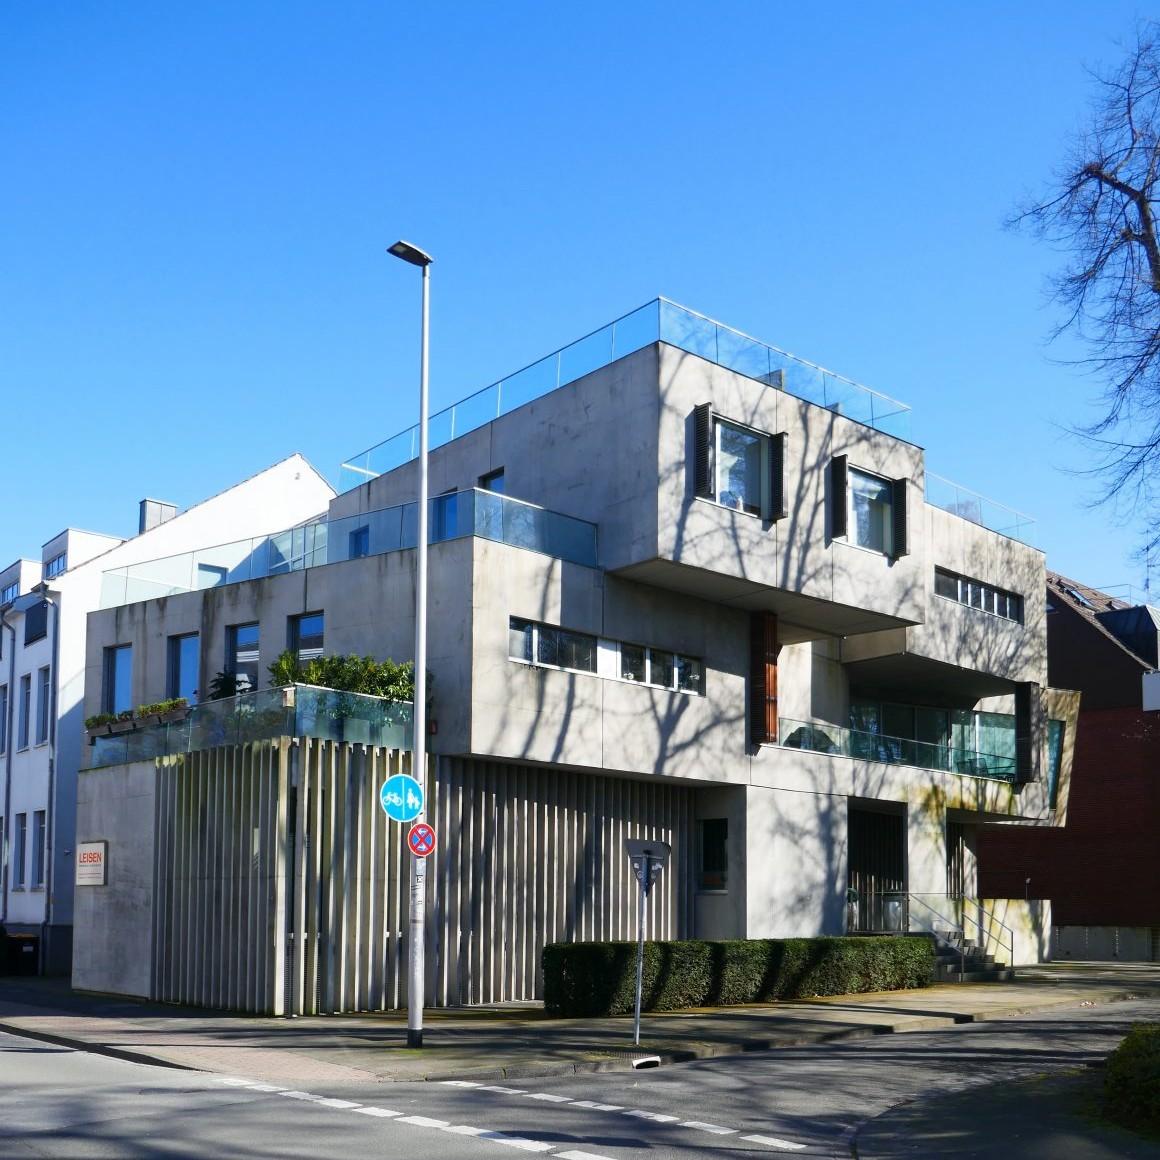 21 Wohn- und Geschäftshaus Bohlweg - Foto: Stefan Rethfeld